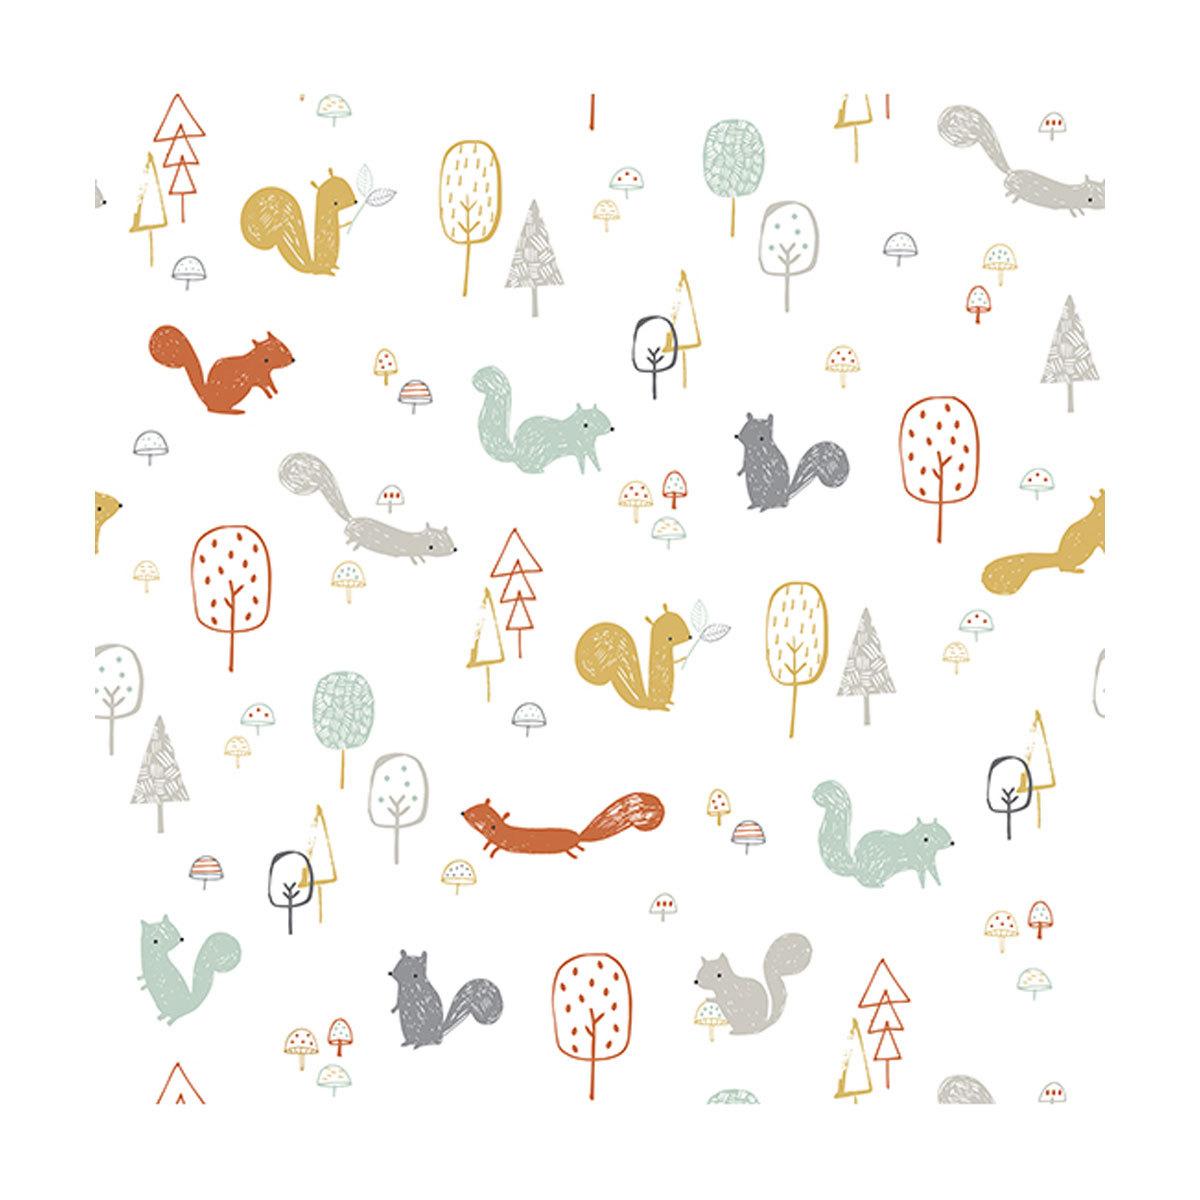 Papier peint Woodland - Papier Peint - La Forêt aux Ecureuils Woodland - Papier Peint - La Forêt aux Ecureuils